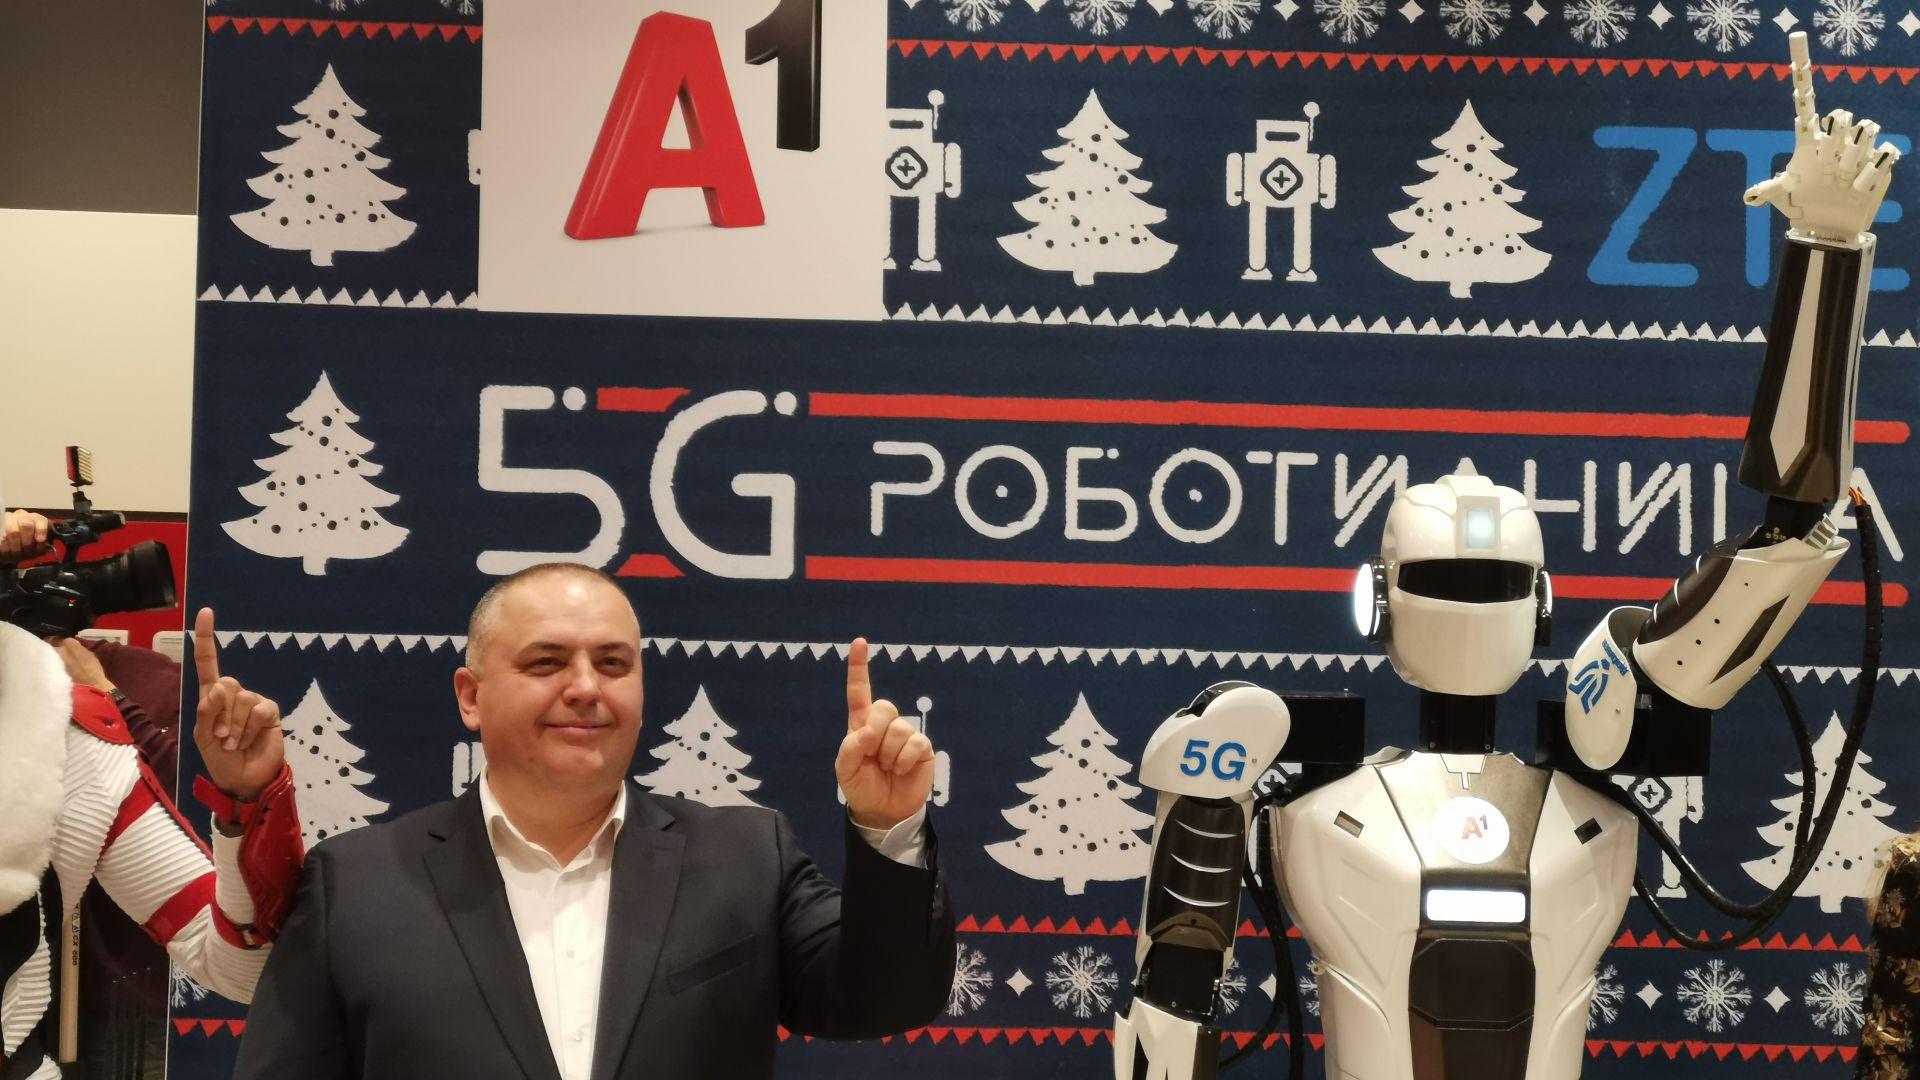 """Красимир Петров, директор """"Конвергентна мрежа и услуги"""" в А1 България и роботът използван при 5G демонстрацията"""